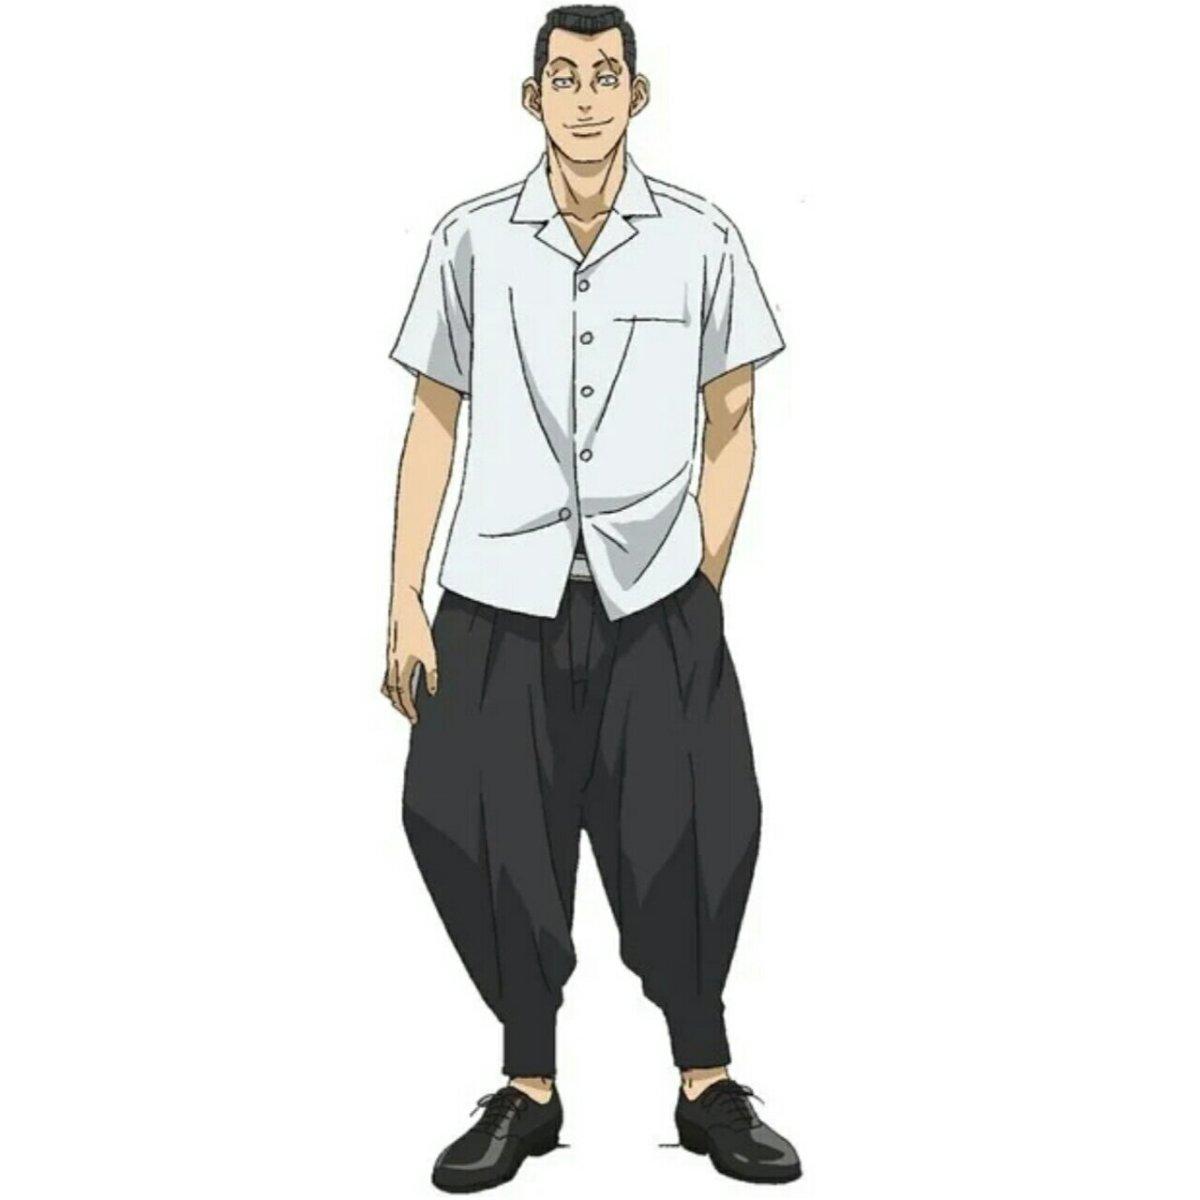 Anime Tokyo Revengers Ungkap Seiyuu Lainnya, Penyanyi Lagu Penutup, dan Tanggal Debutnya 6